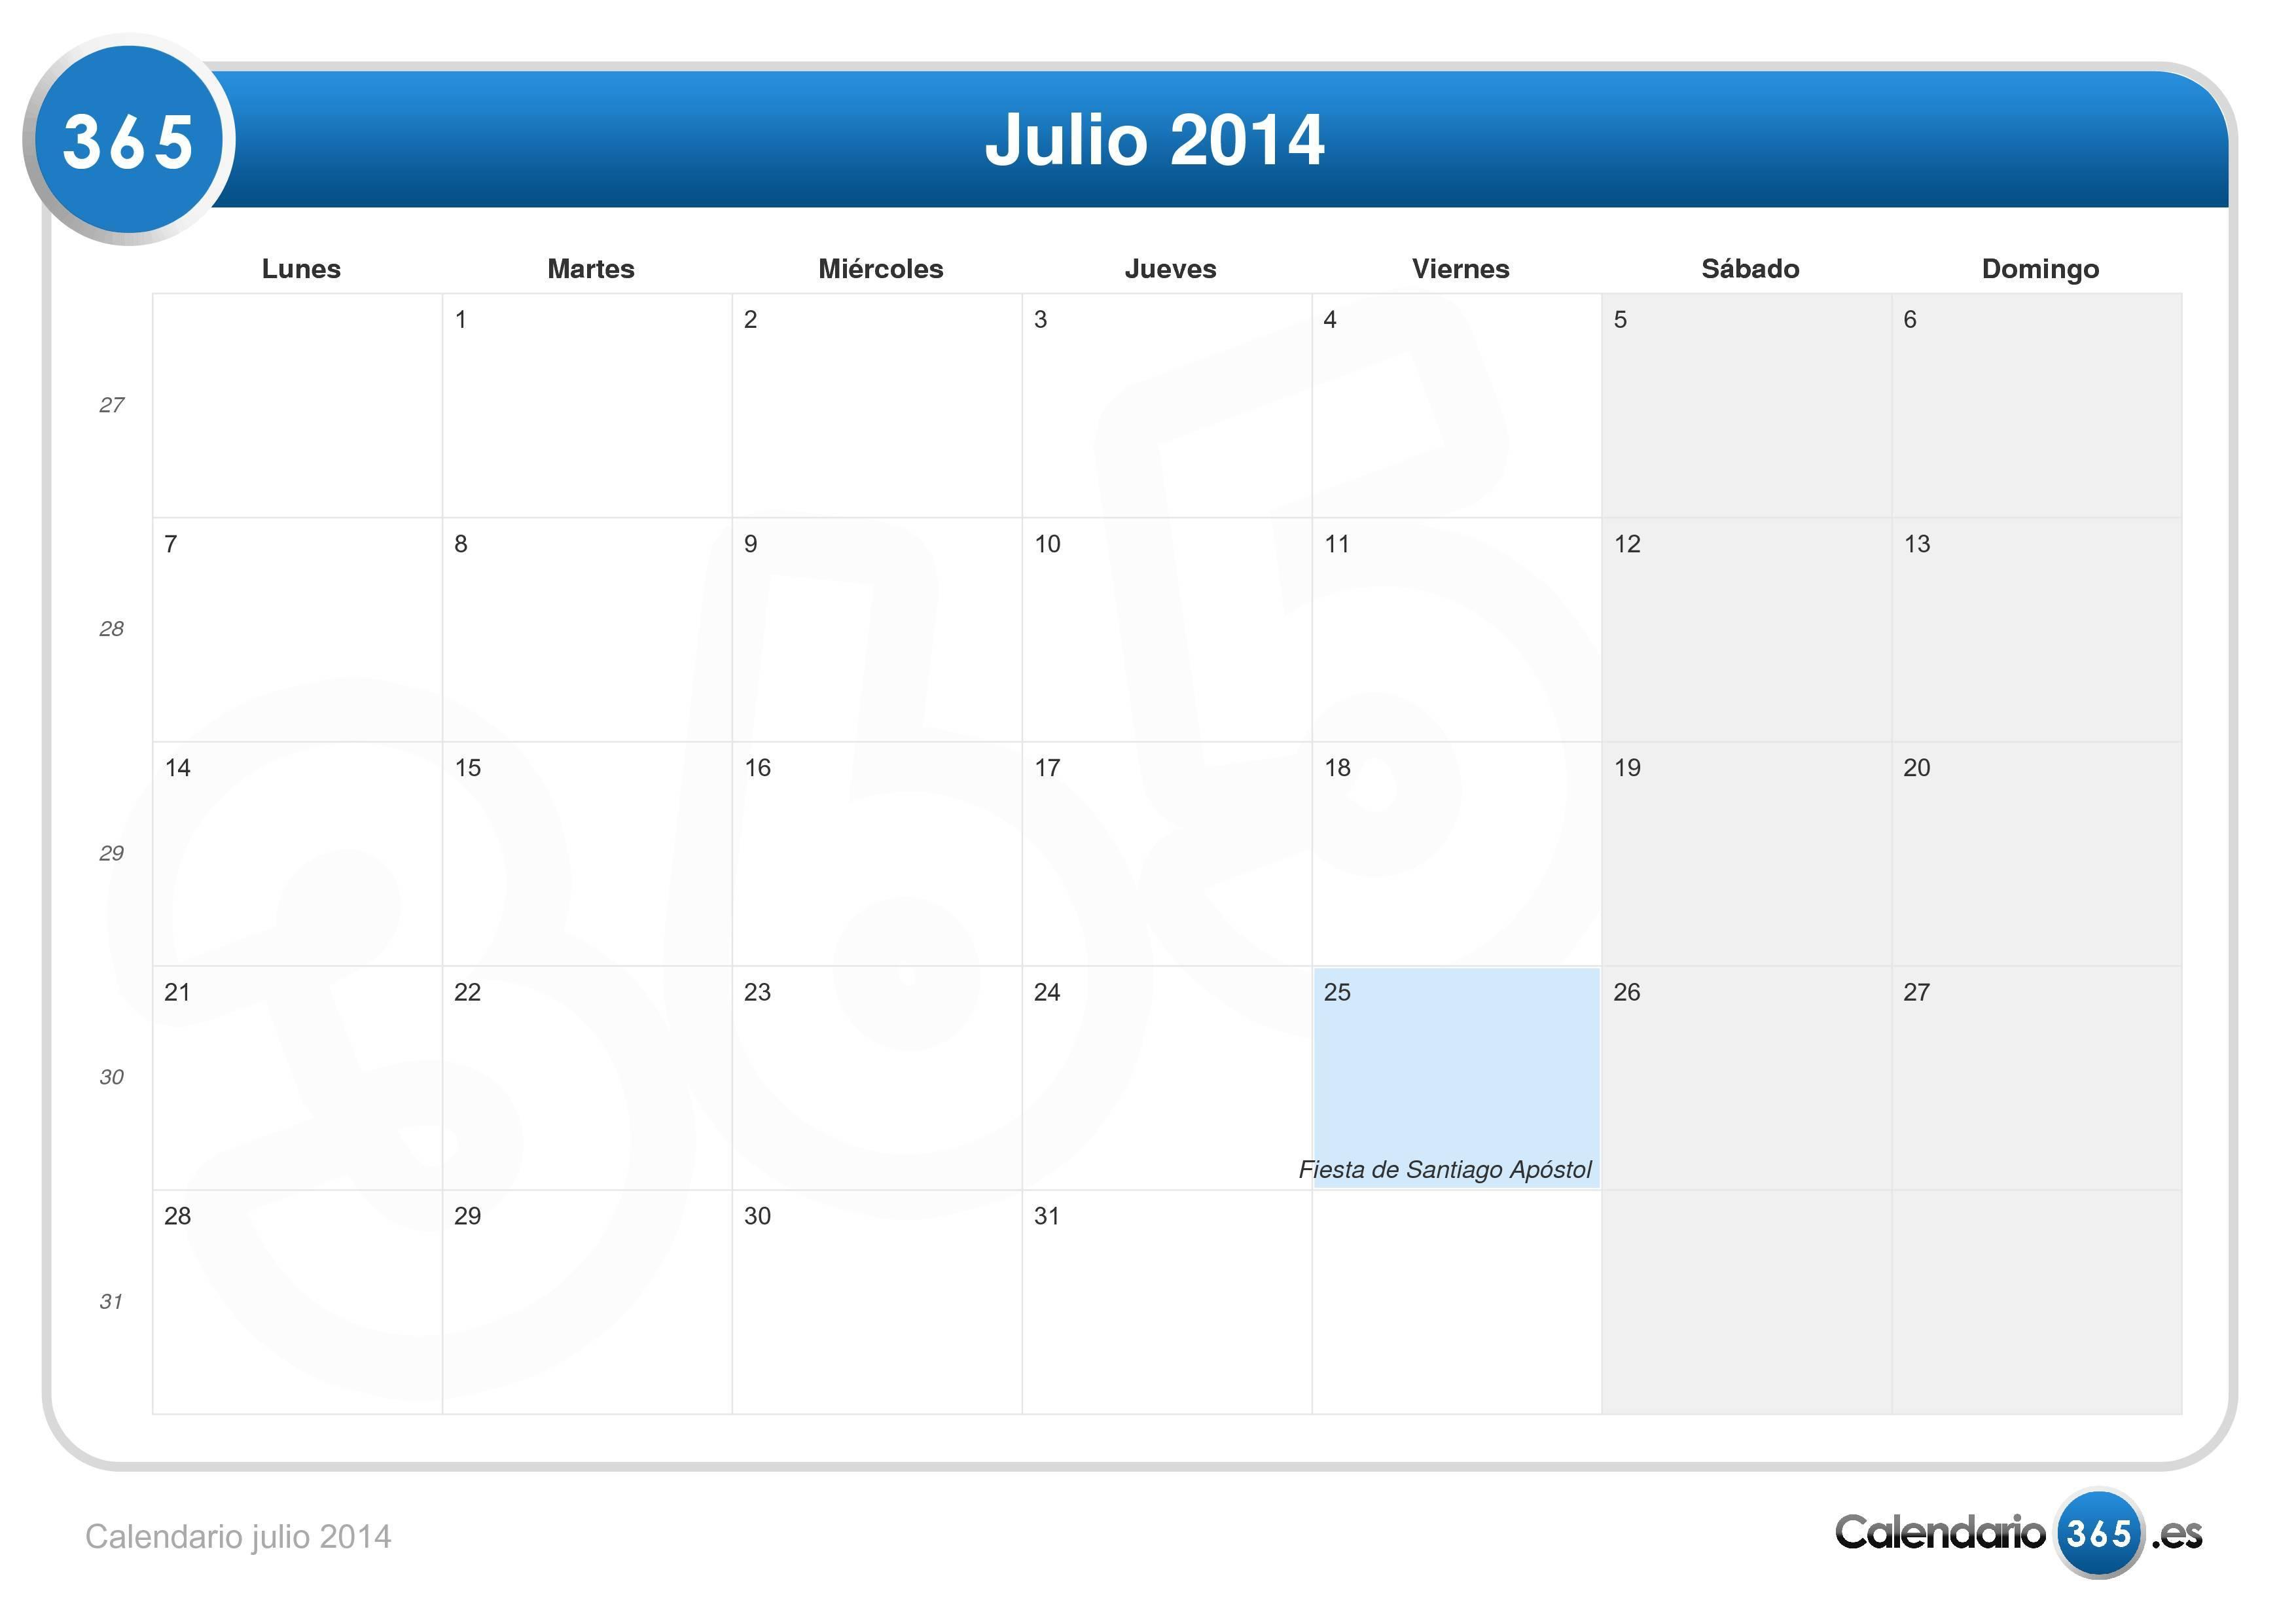 Calendario Mes de Julio 2014 Calendario Julio 2014 103.753